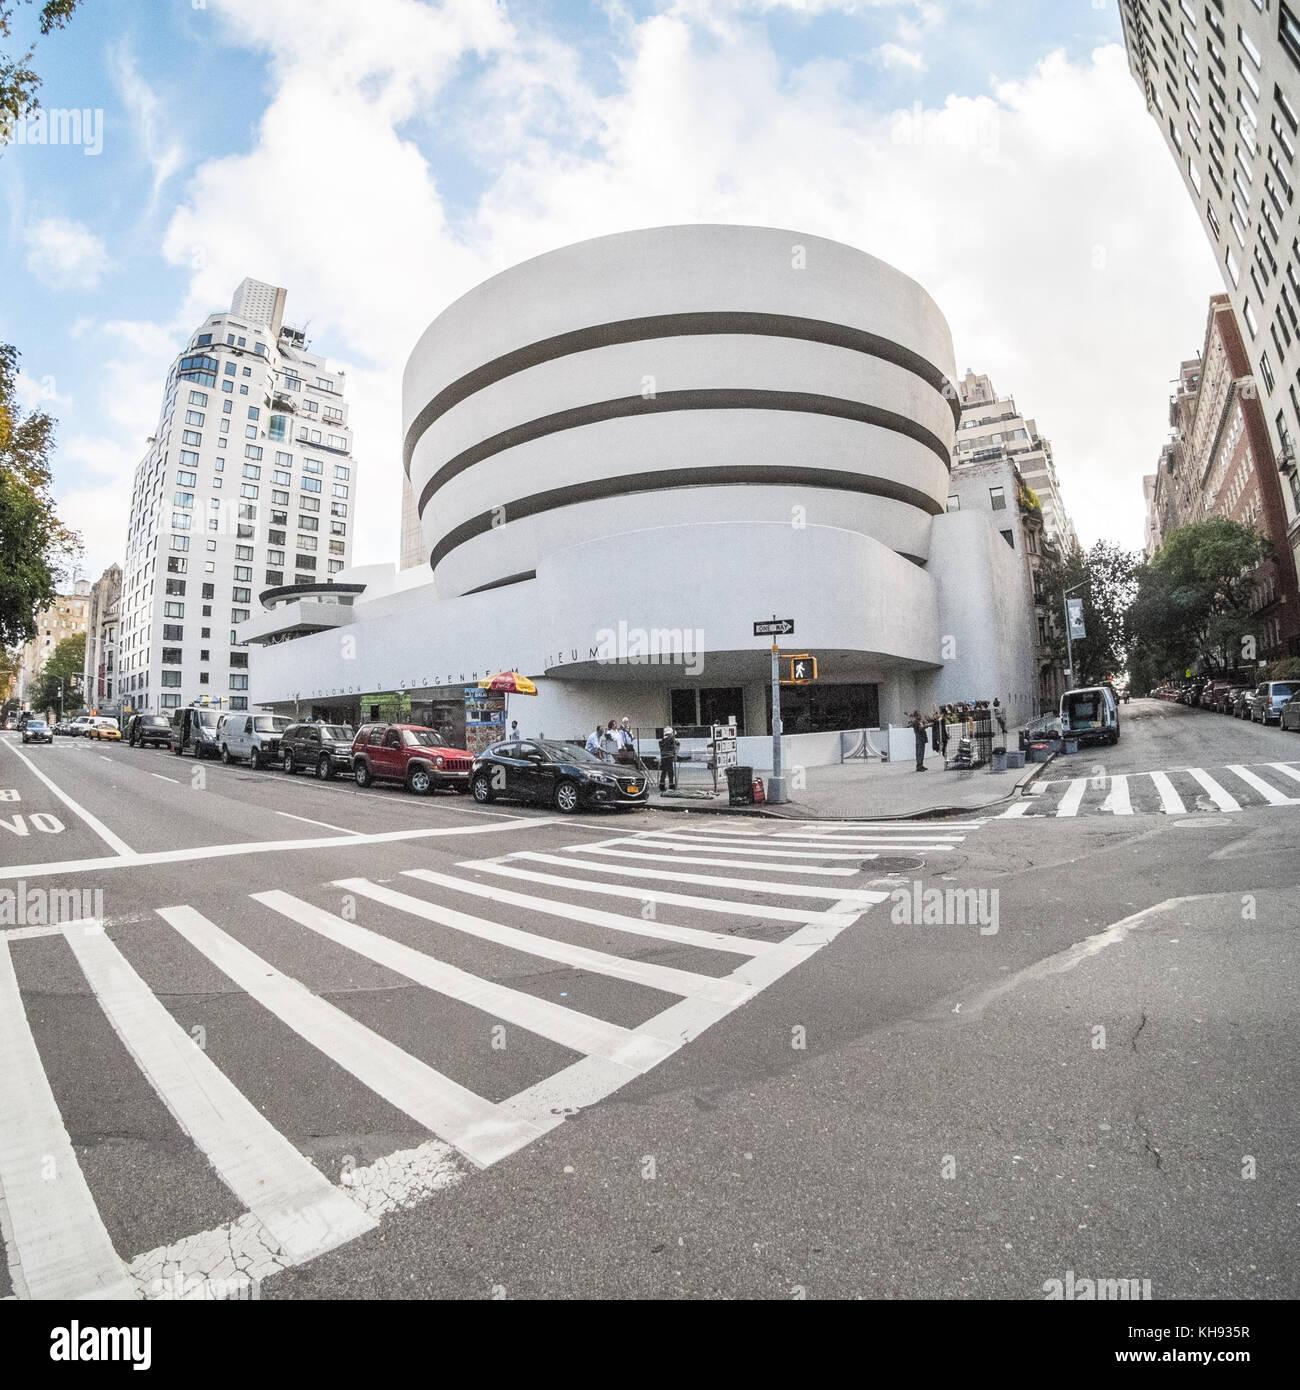 Salomón. R. Guggenheim Museum, la Quinta Avenida, Manhattan, Ciudad de Nueva York, NY, Estados Unidos de América. Imagen De Stock